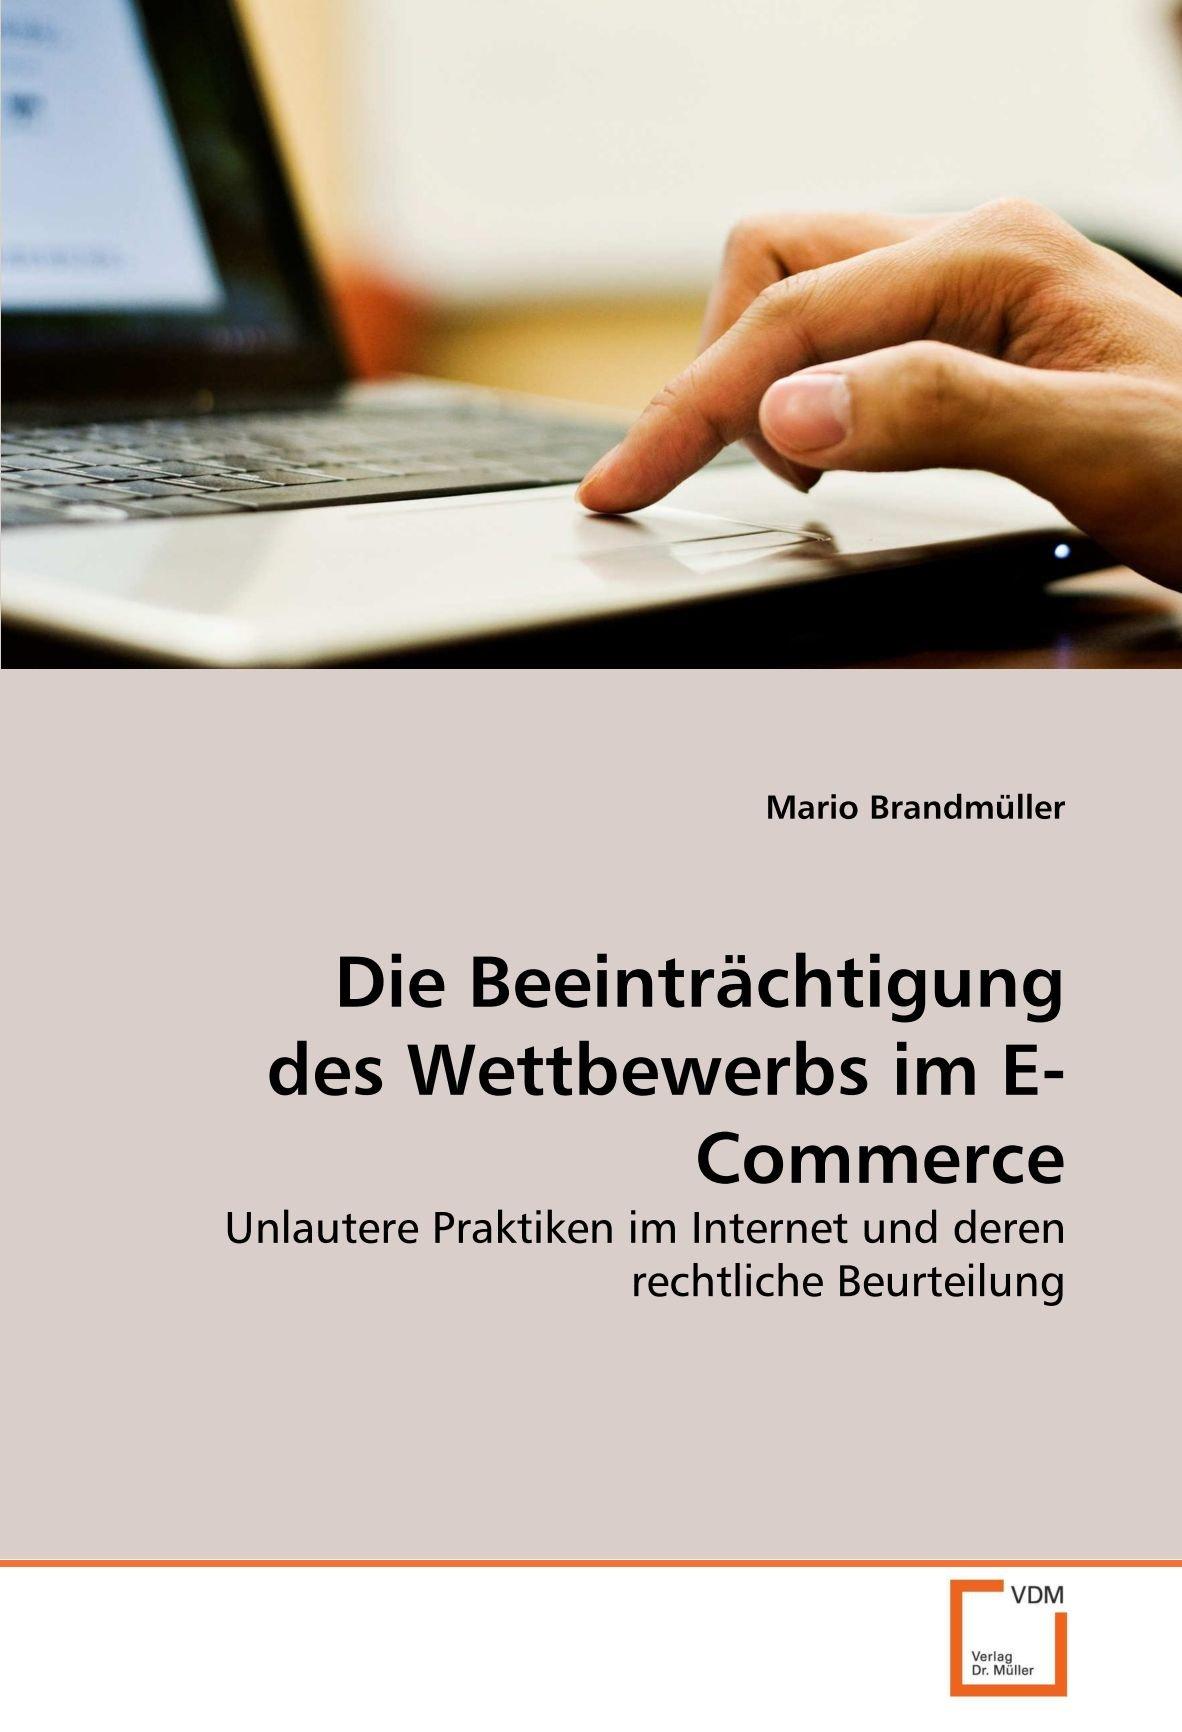 Die Beeinträchtigung des Wettbewerbs im E-Commerce: Unlautere Praktiken im Internet und deren rechtliche Beurteilung (German Edition) PDF